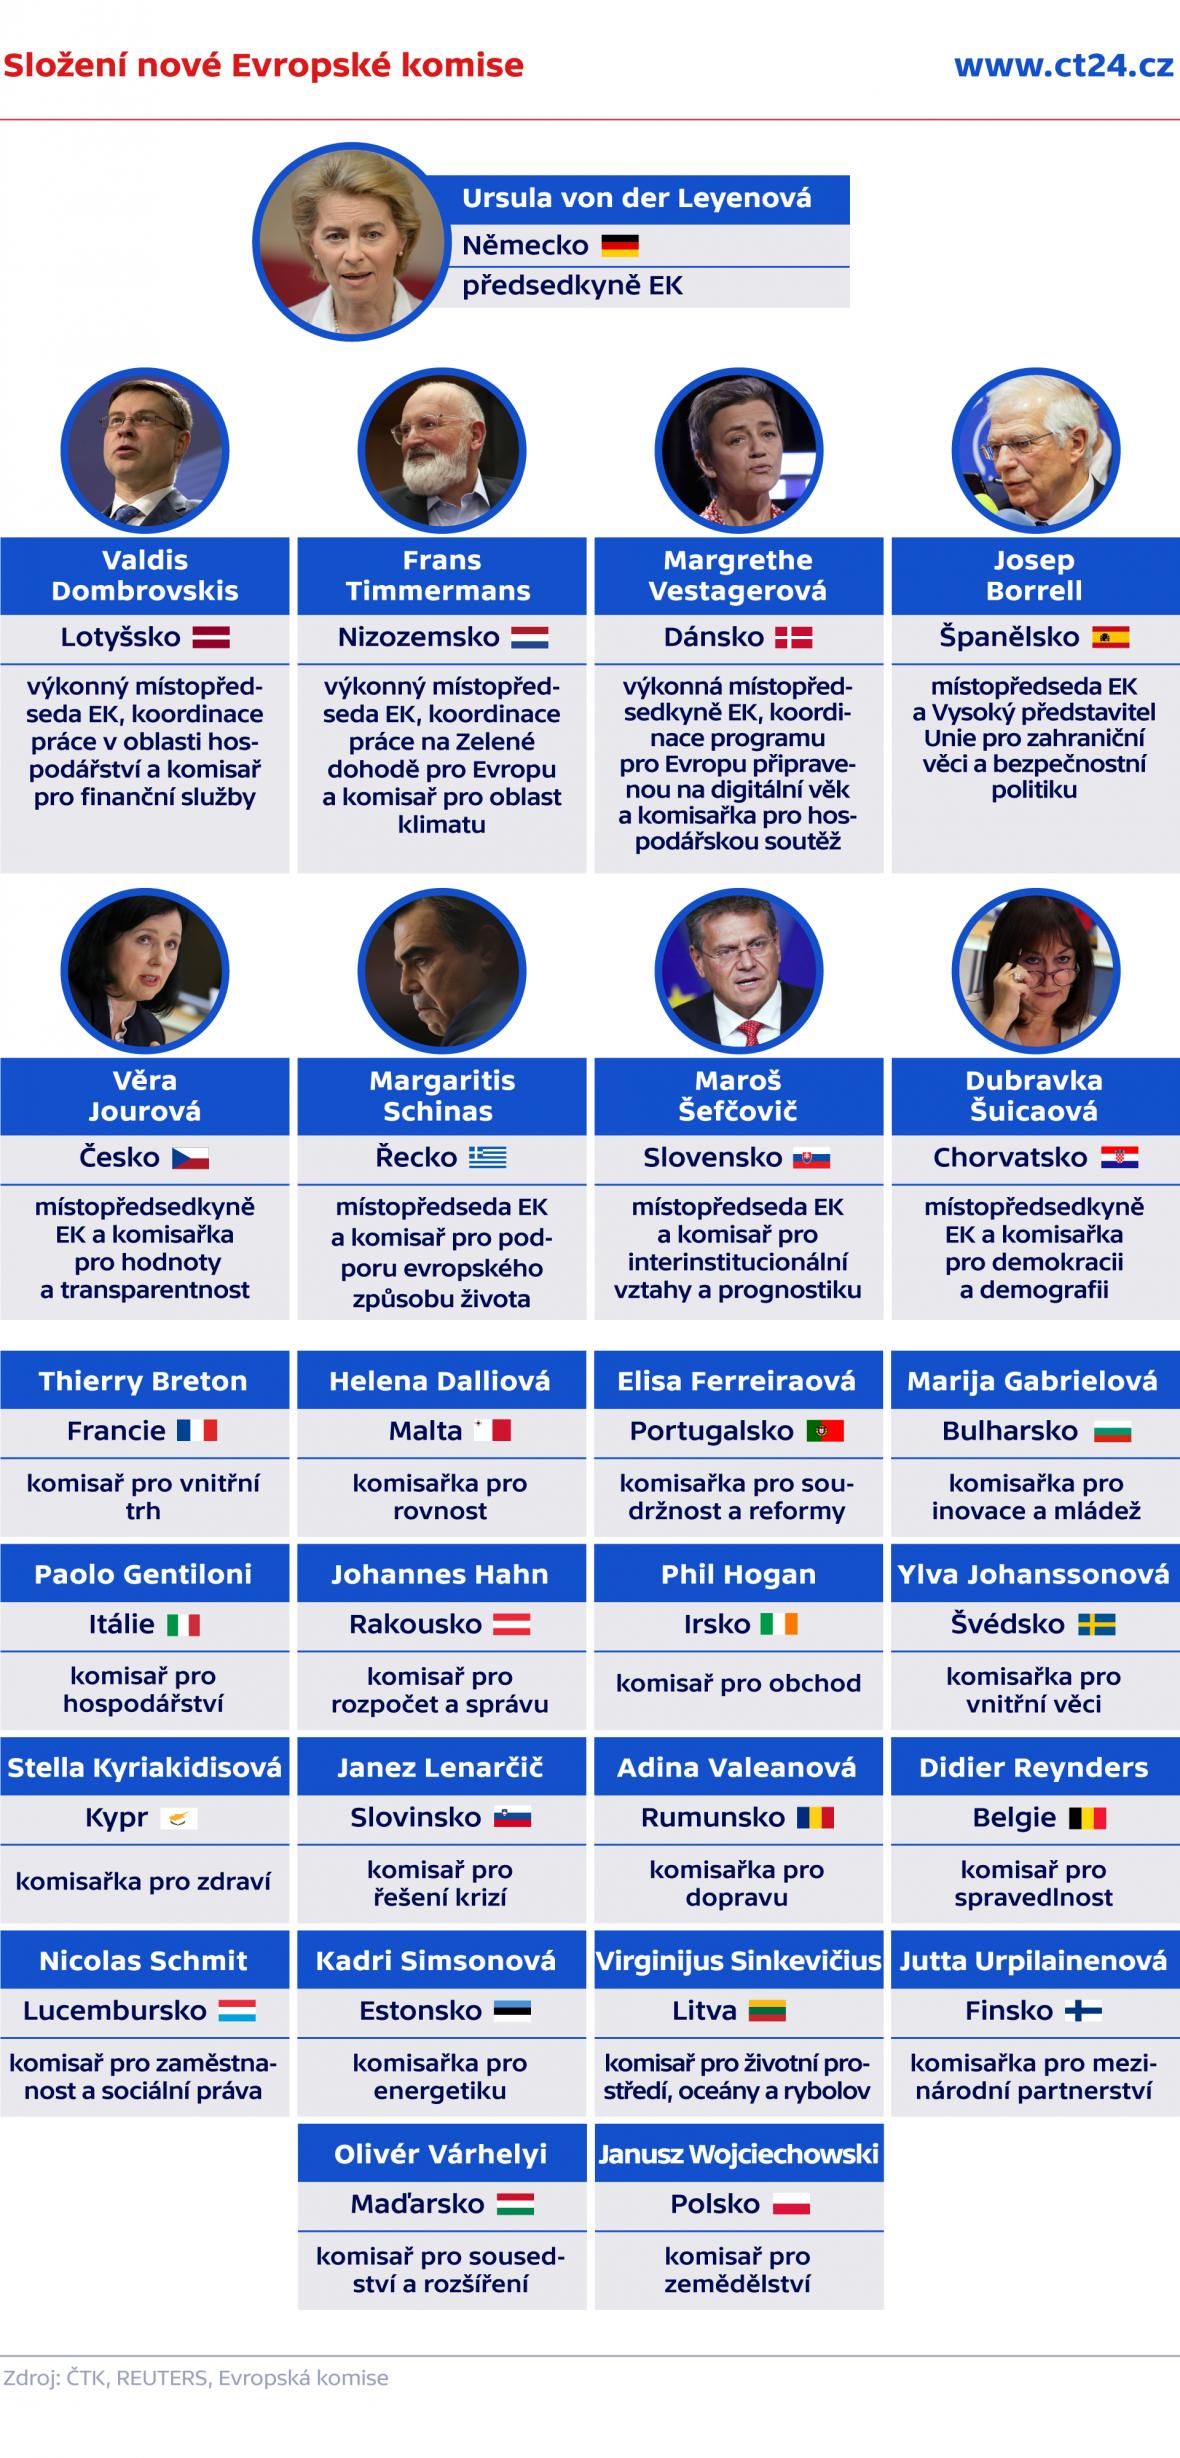 Složení nové Evropské komise